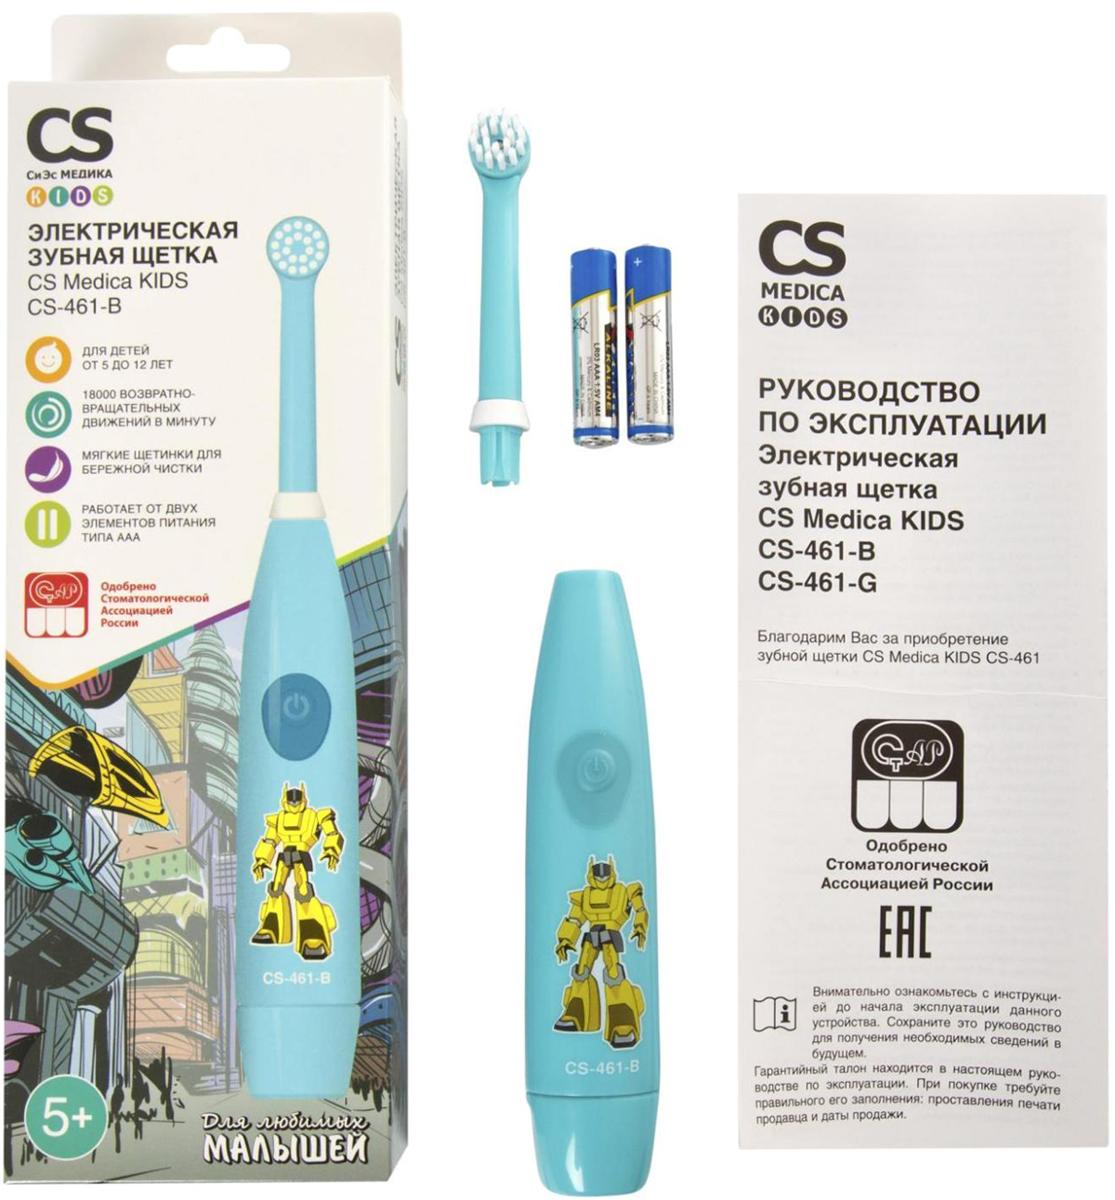 CS Medica KIDS CS-461-B, Light Blueэлектрическая зубная щетка CS Medica